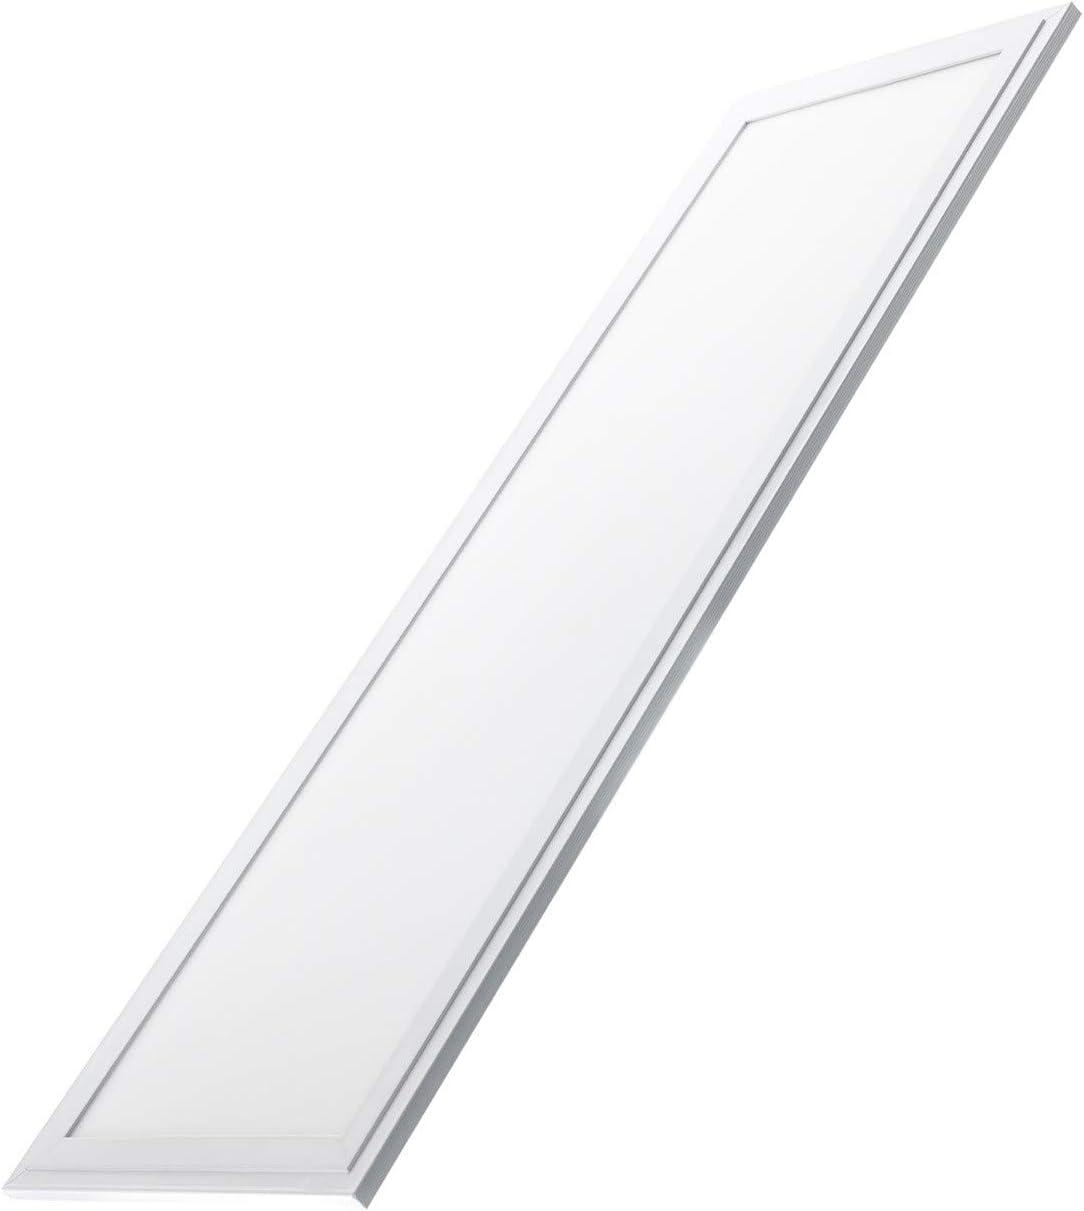 LEDKIA LIGHTING Panneau LED Slim 120x30cm 40W 5200lm High Lumen Blanc Chaud 2800K 3200K